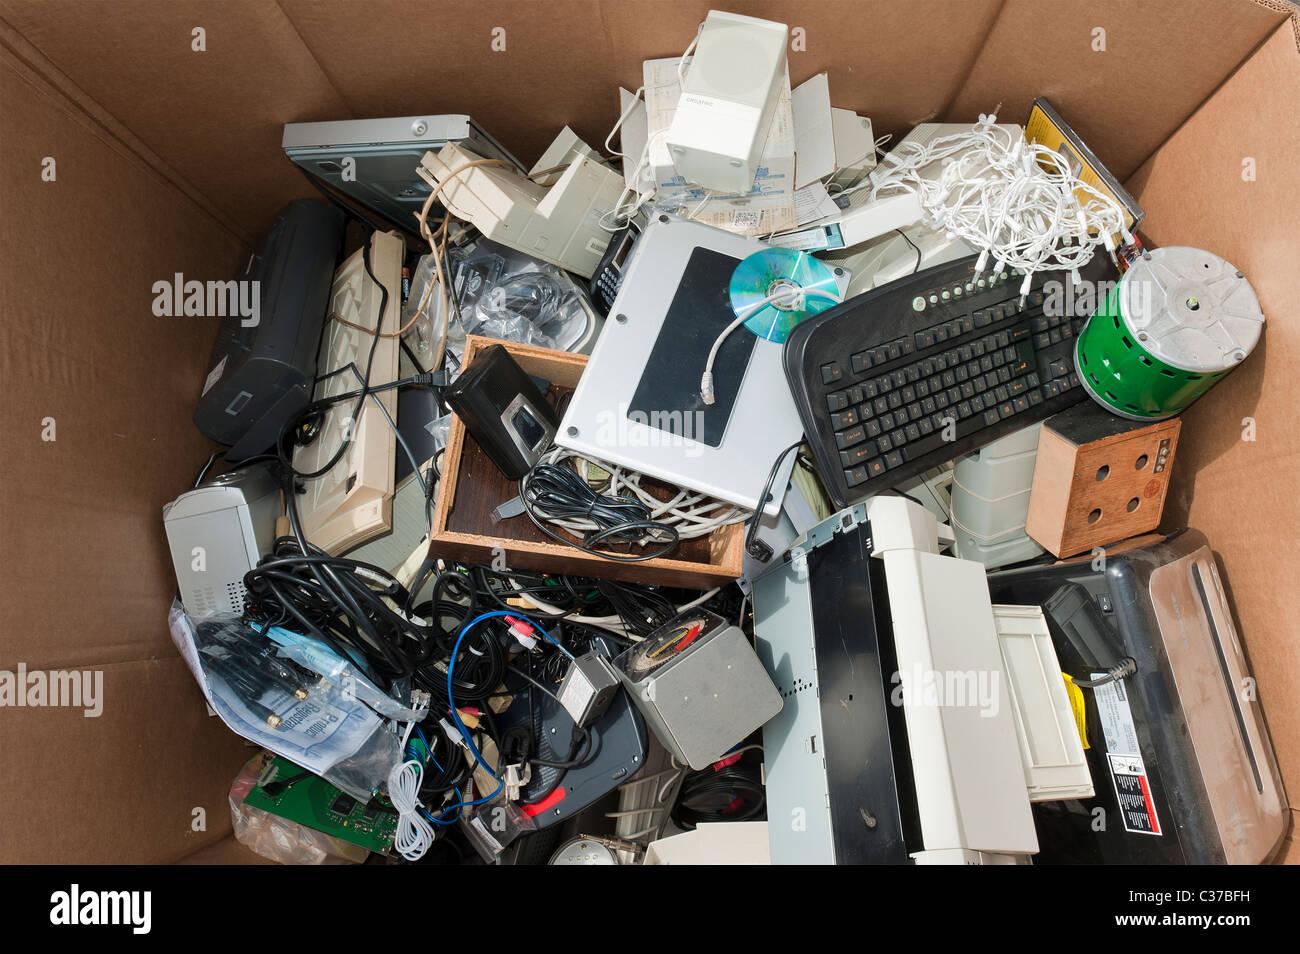 Les produits électroniques recueillis à Santa Barbara au jour de la terre. Photo Stock